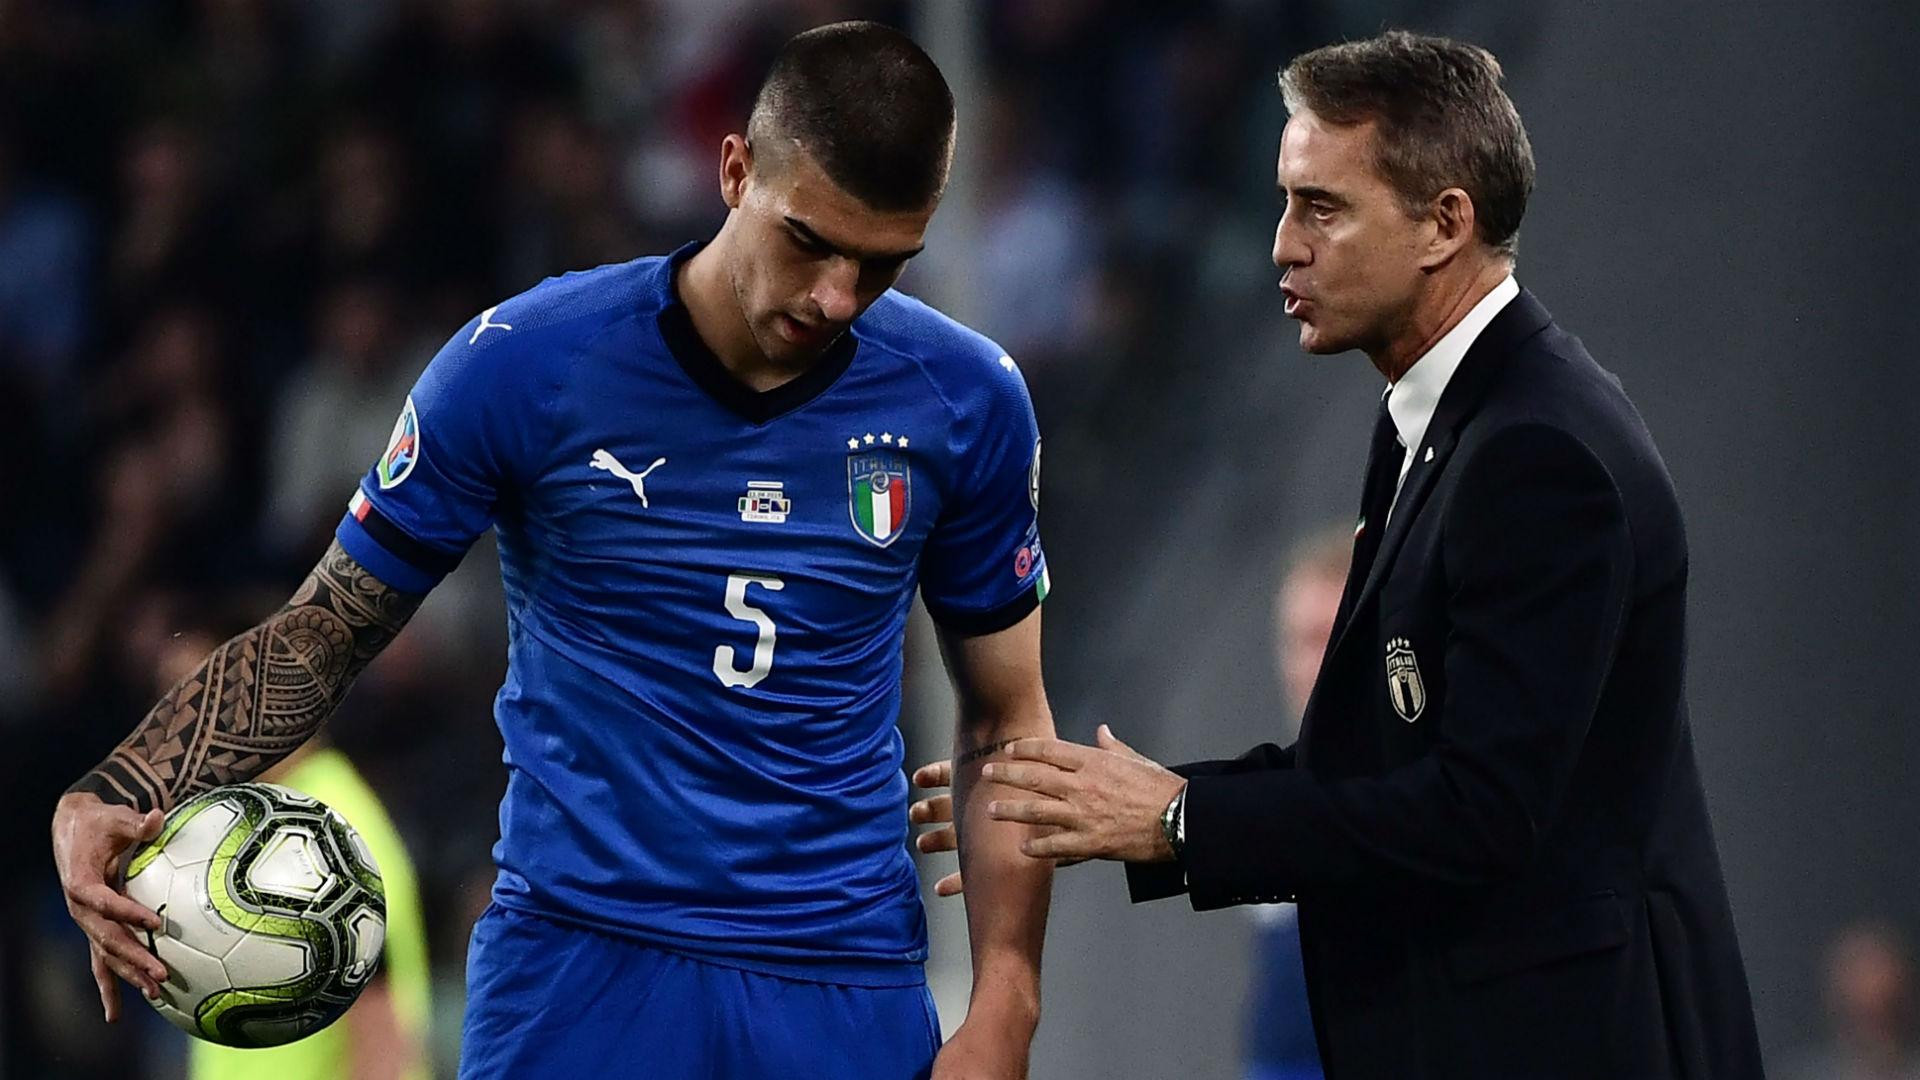 Italien Vs Griechenland Em Quali Heute Live Im Tv Und Im